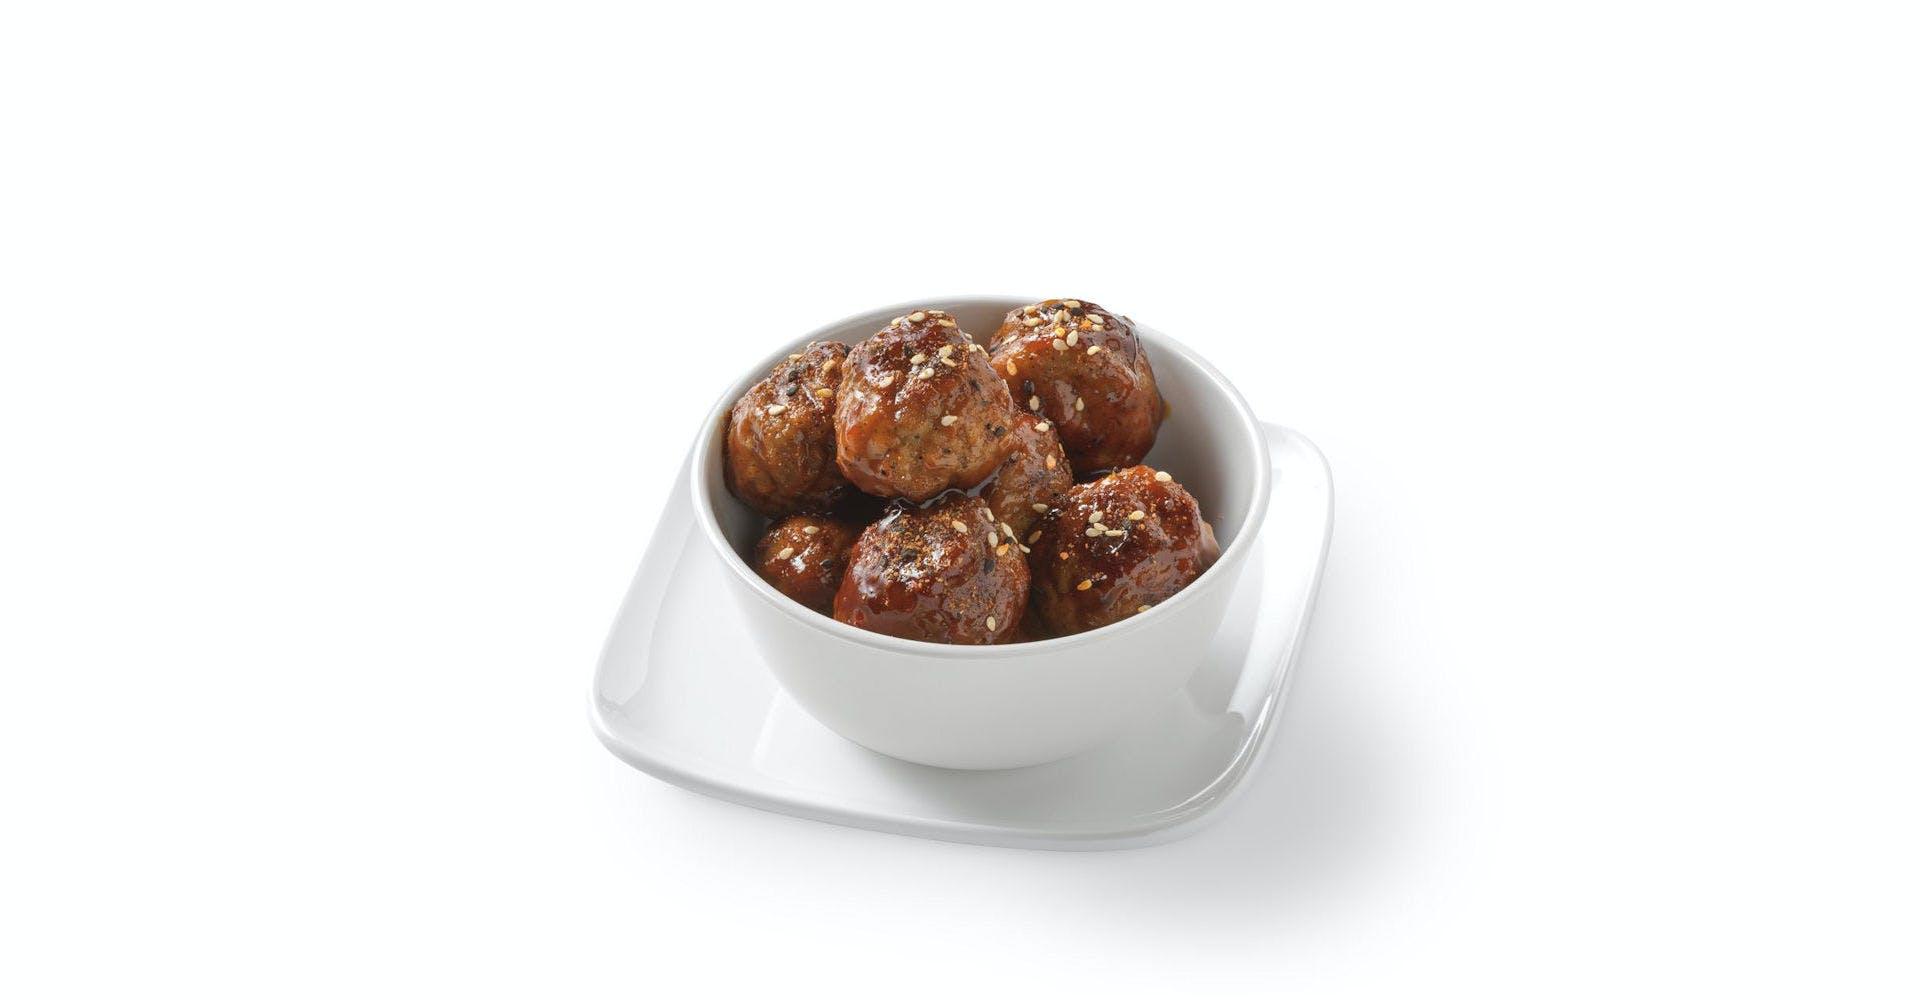 Korean BBQ Meatballs  from Noodles & Company - Kenosha 118th Ave in Kenosha, WI